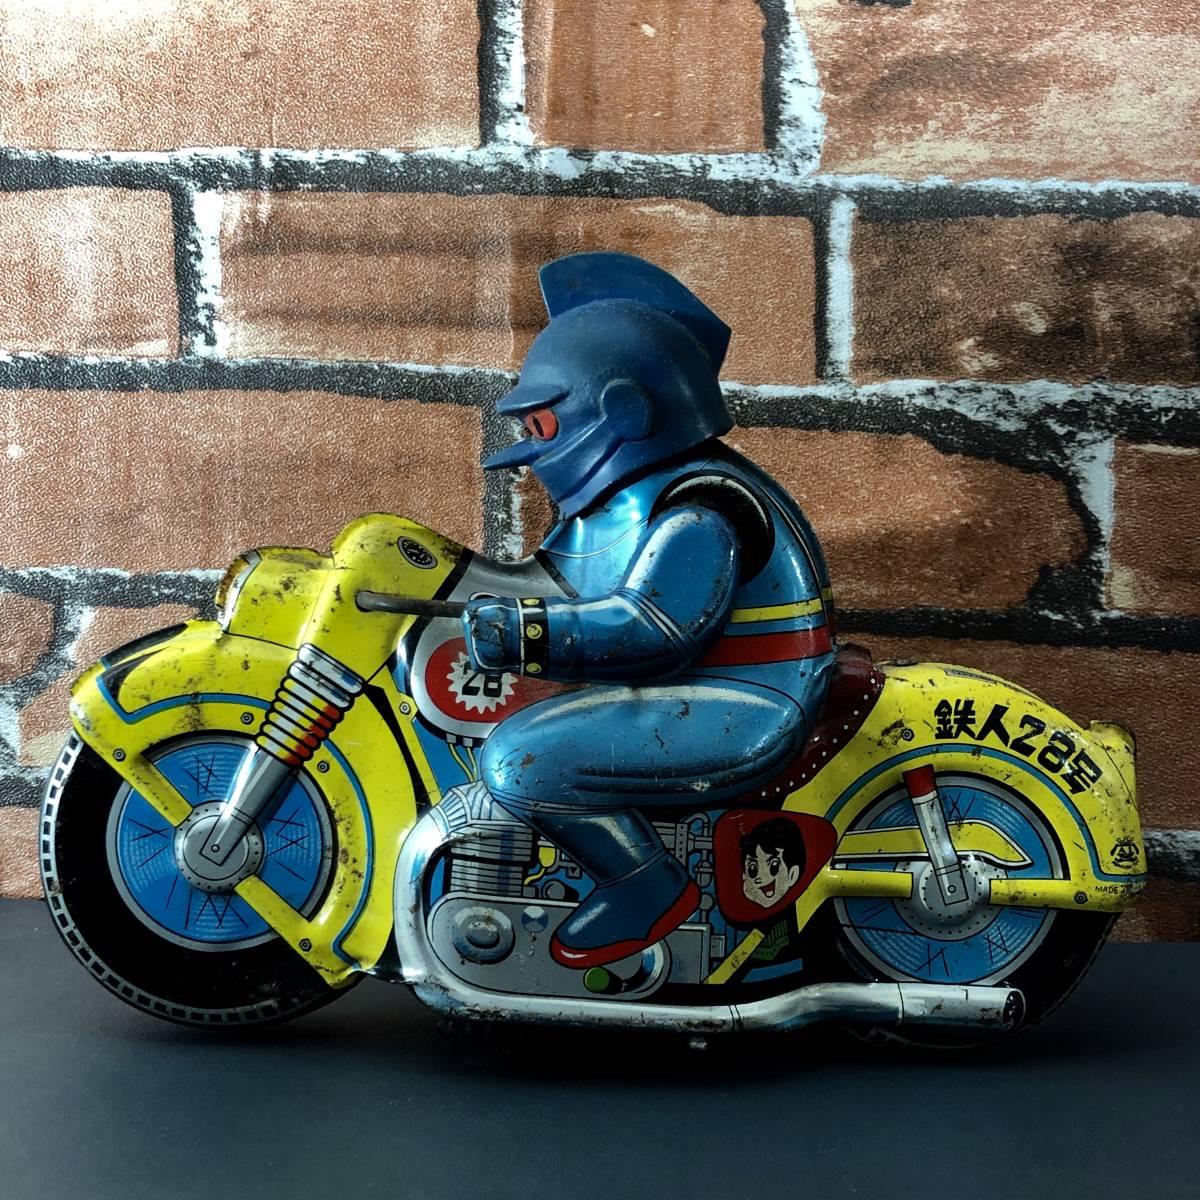 送料込み ★当時のブリキ製★浅草トーイ☆バイクに乗った鉄人28号★